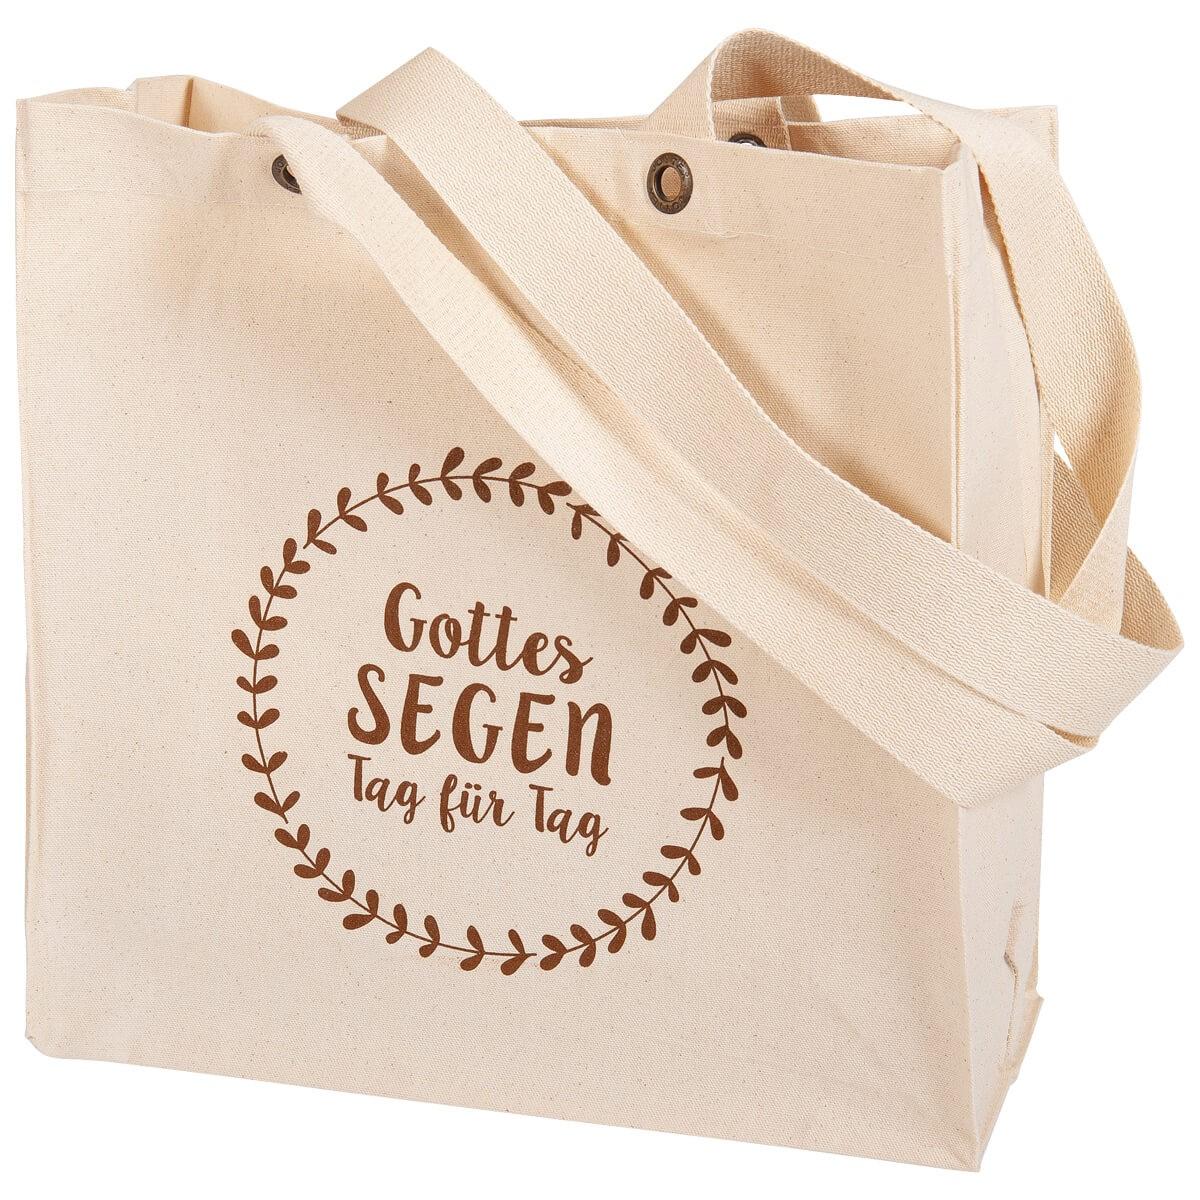 Praisent-Nachhaltig-Einkaufstasche-Tragetasche-Baumwolle-Segen-70144TnCrdchoIQFv